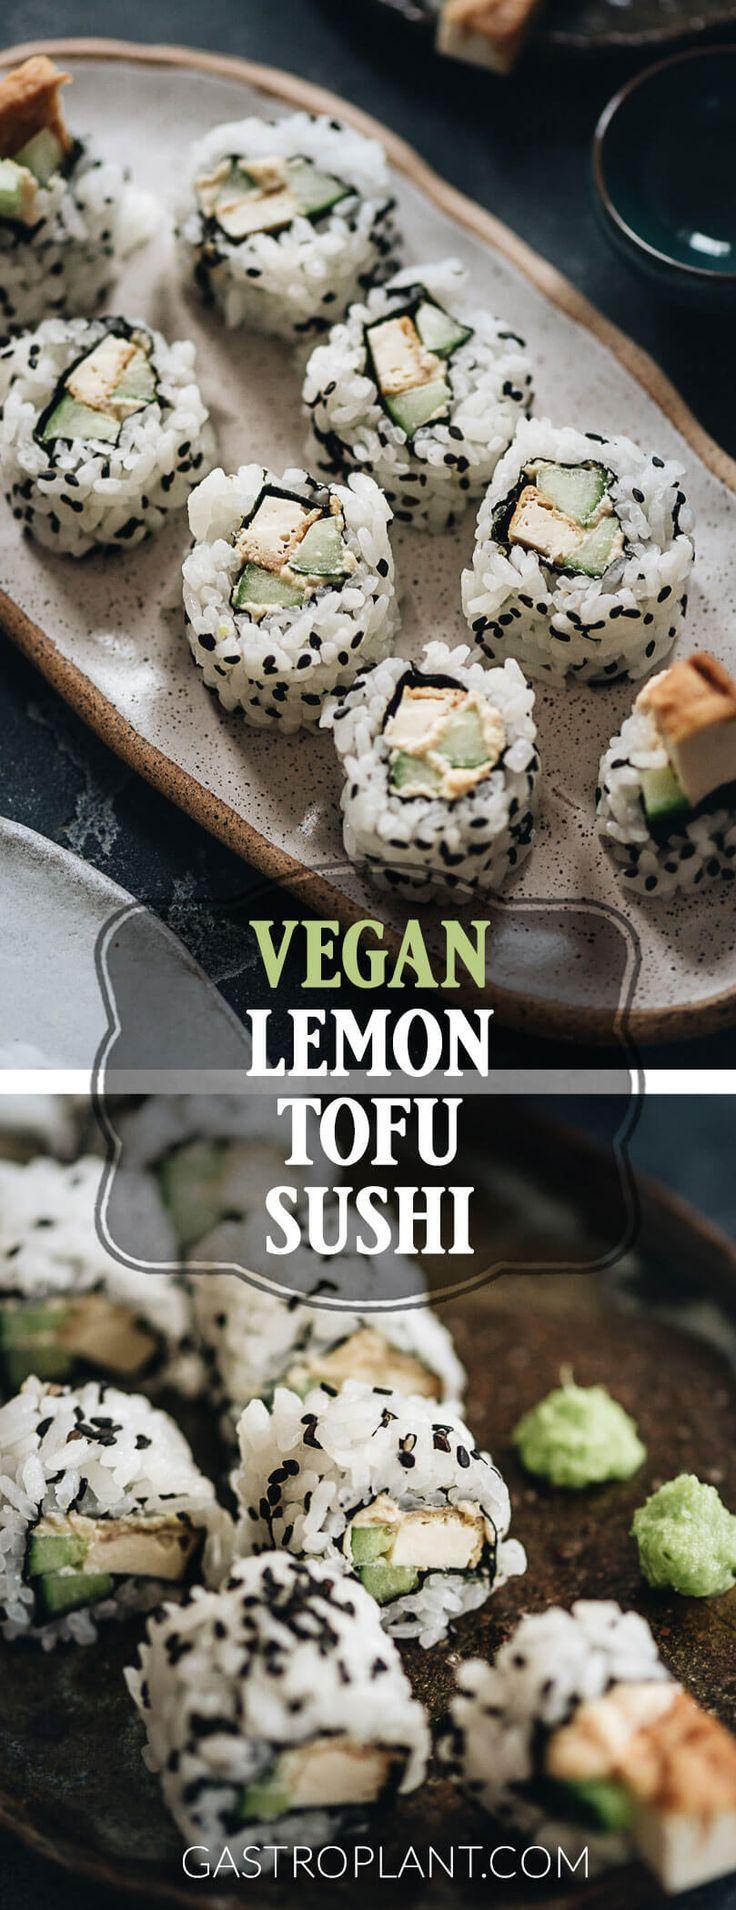 Lemon Tofu Sushi | This plant-based sushi features…